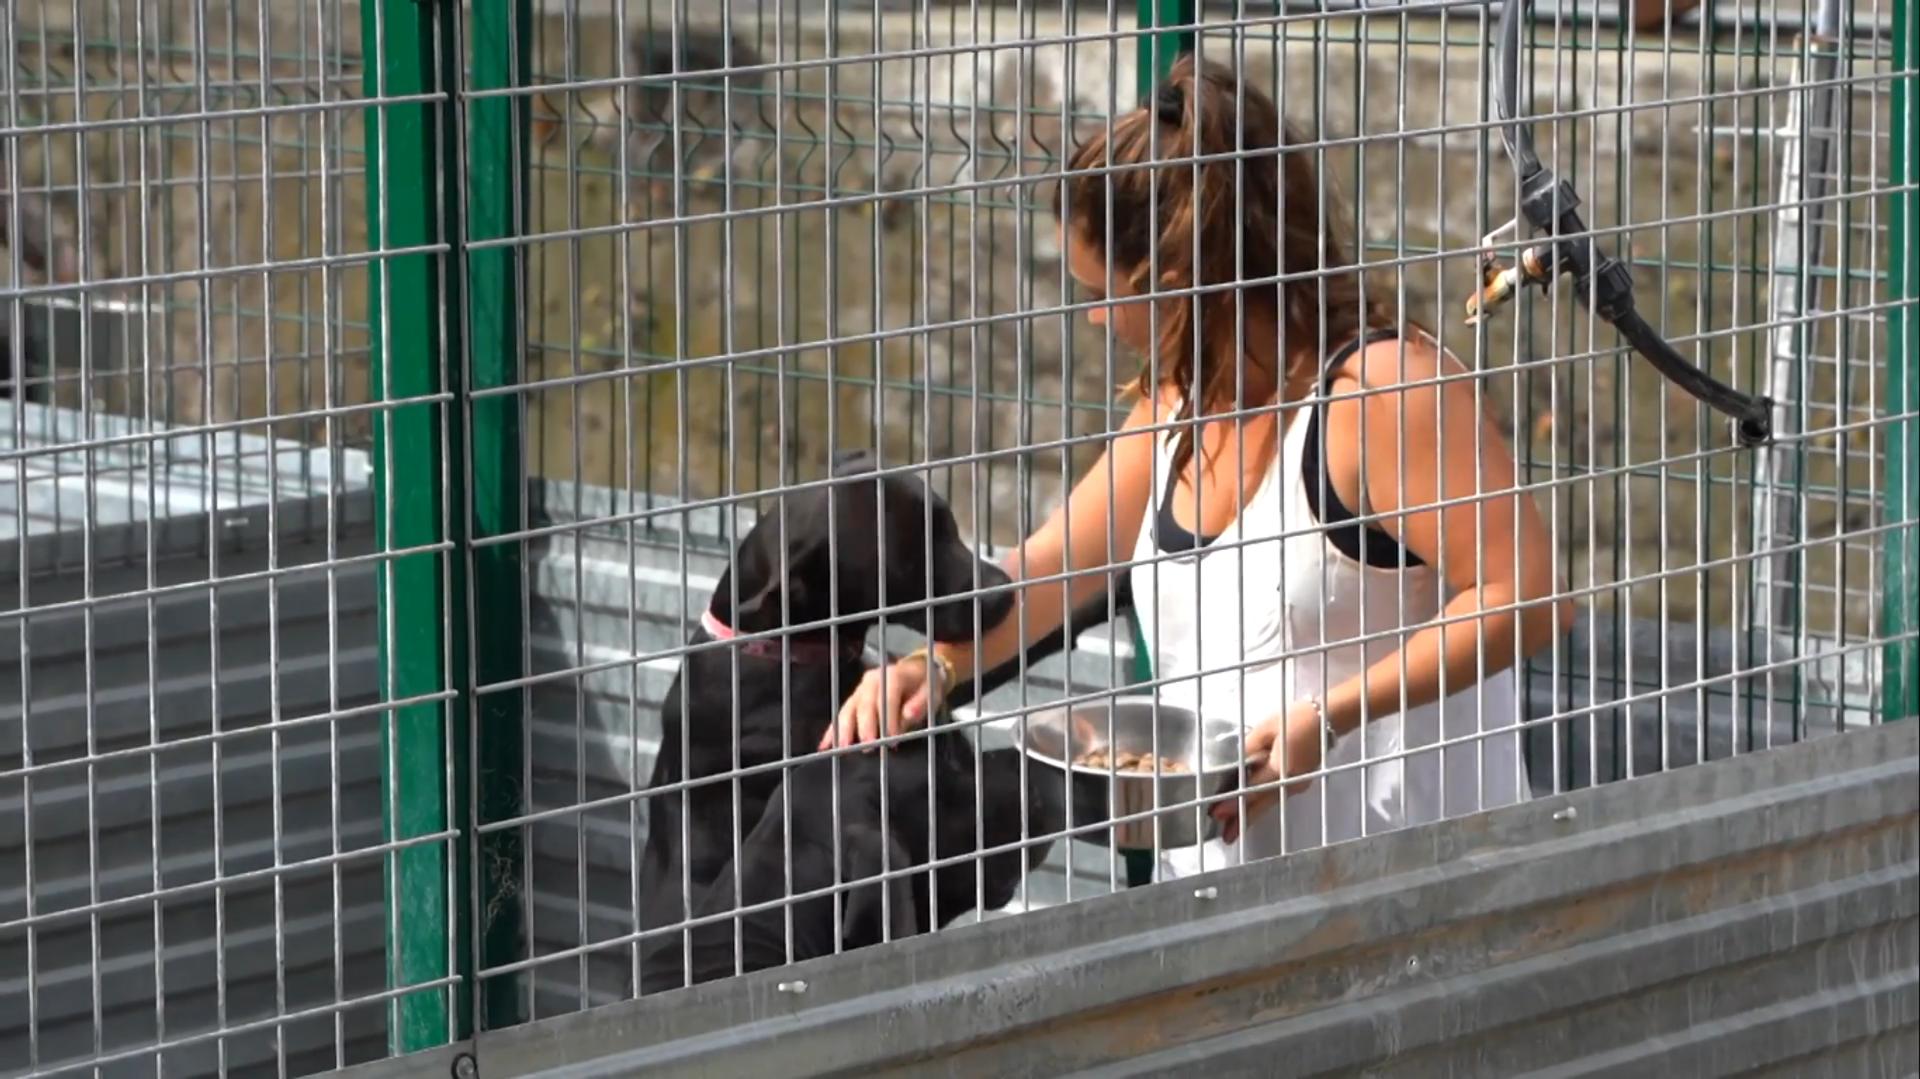 Los refugios de La Palma acogen a las mascotas que han podido rescatar de la lava - Sputnik Mundo, 1920, 22.09.2021